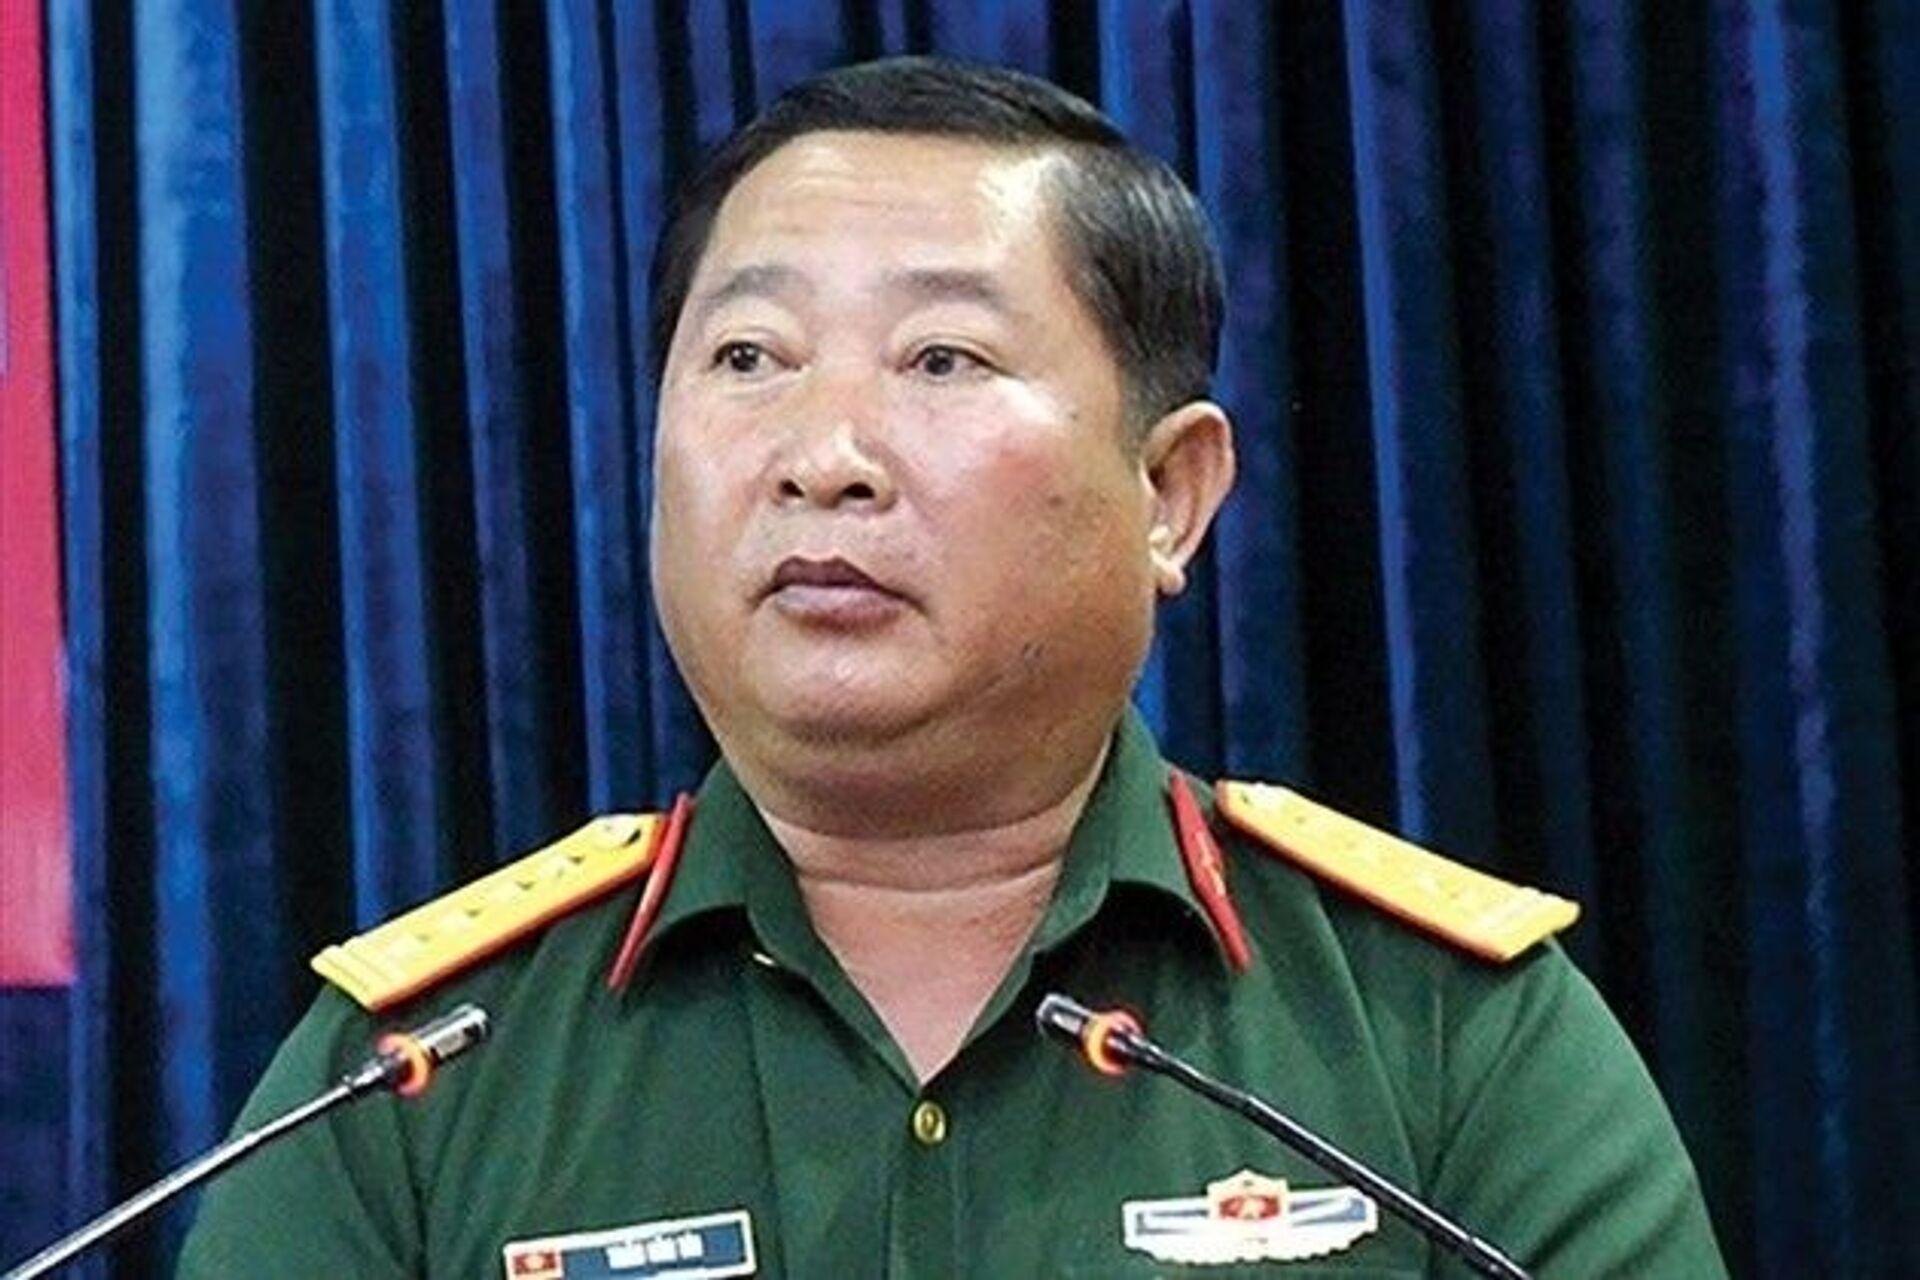 Việt Nam kỷ luật cán bộ: Tướng Trần Văn Tài bị cách hết tất cả chức vụ trong Đảng - Sputnik Việt Nam, 1920, 25.05.2021